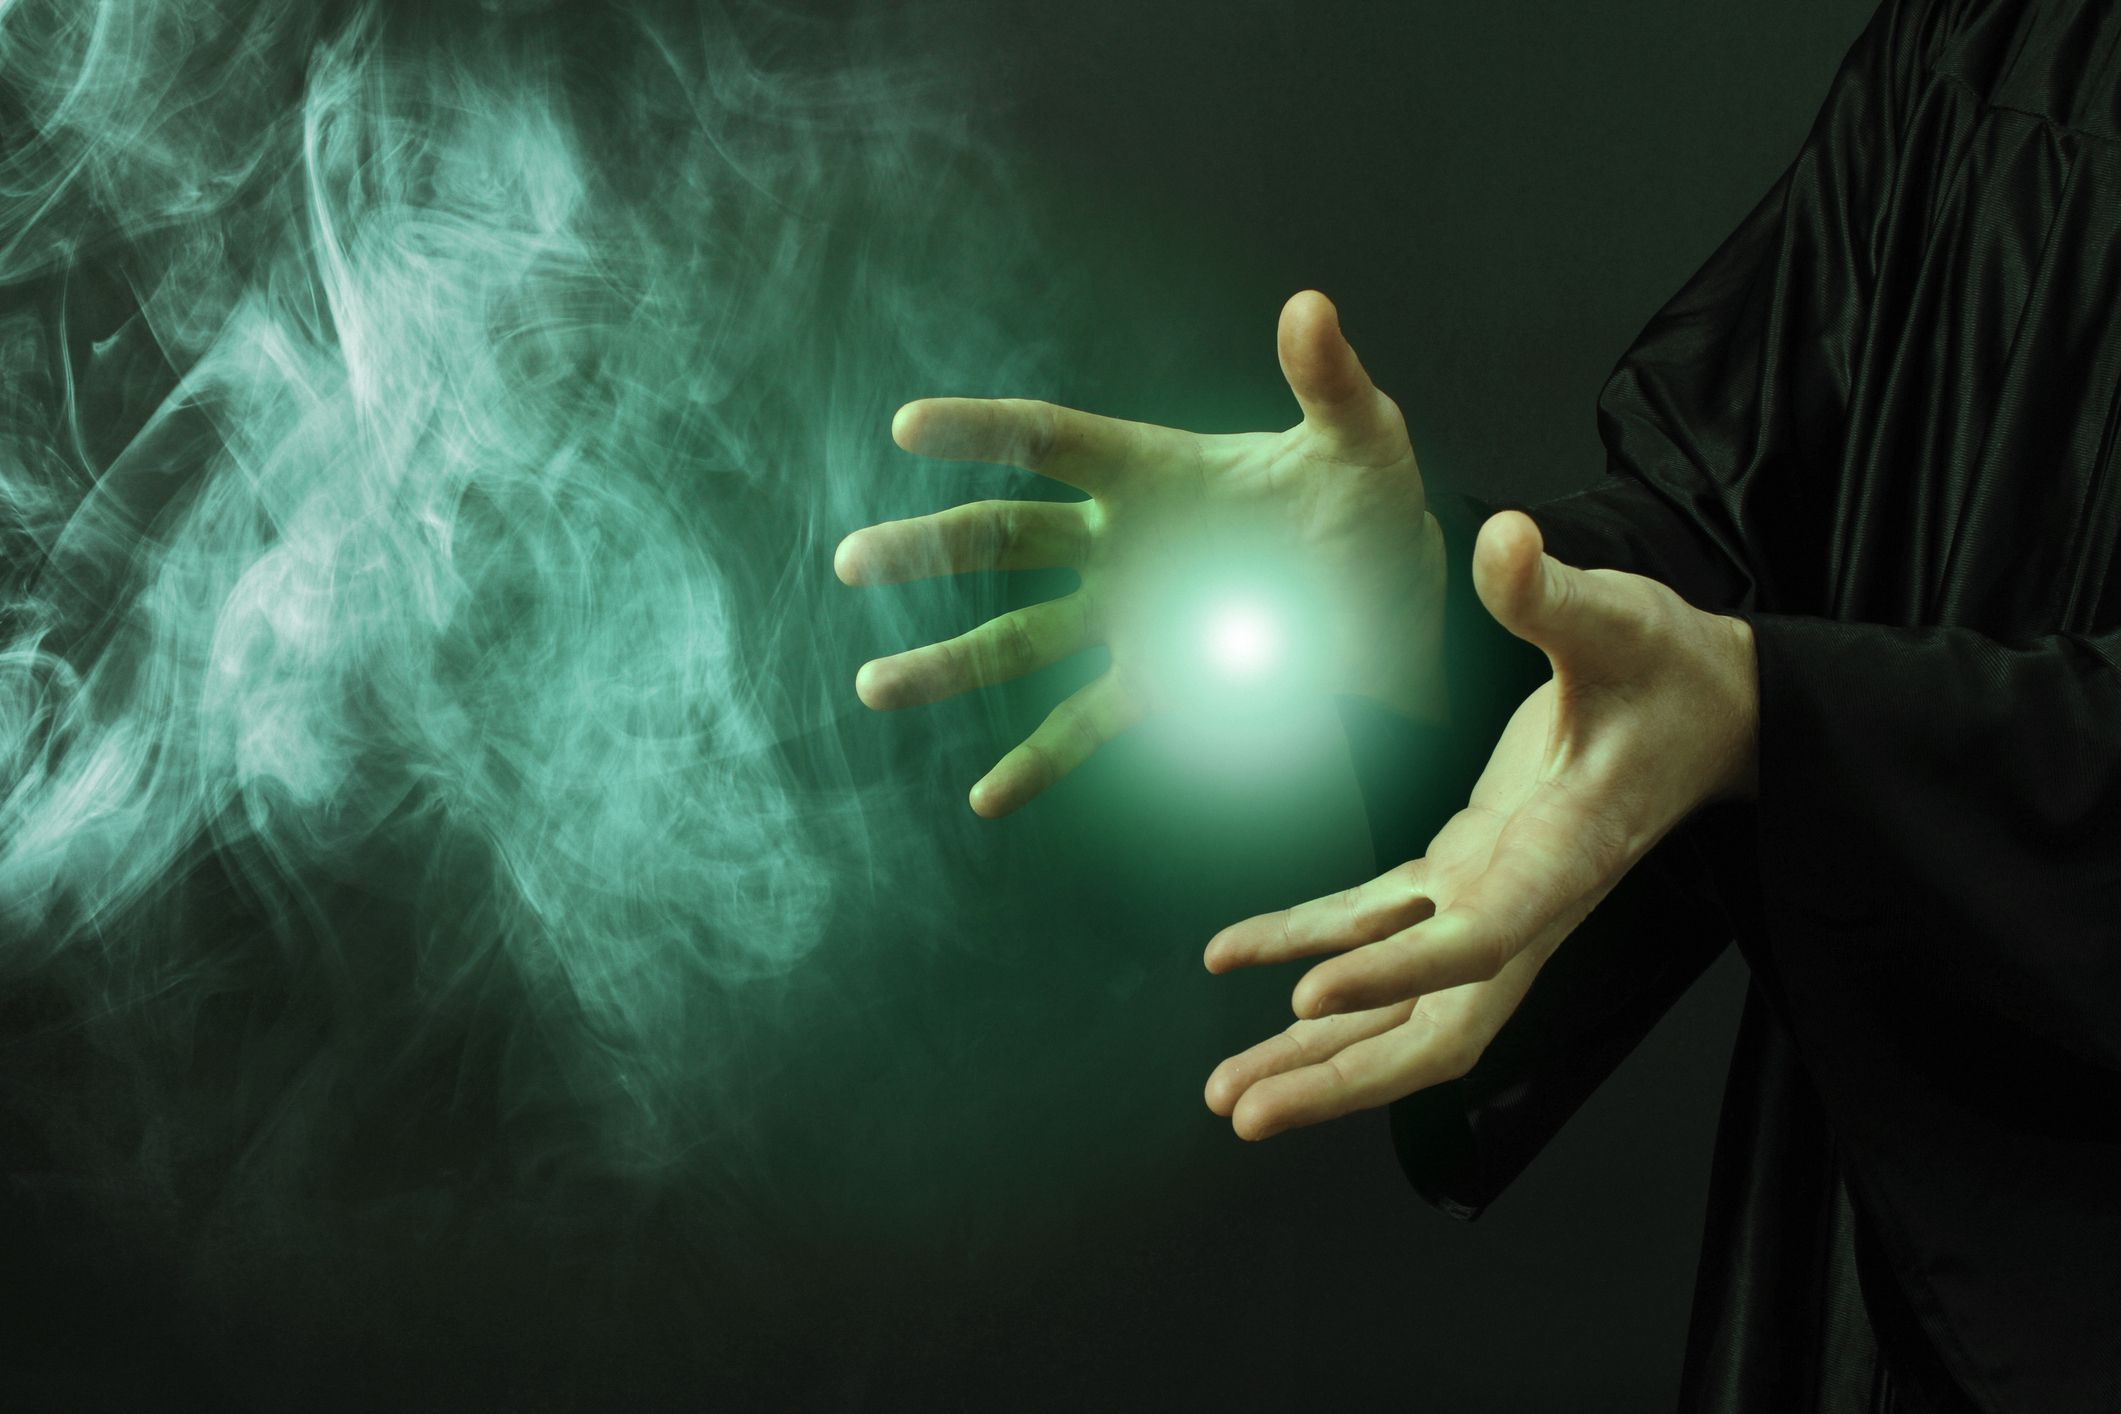 магические руки картинки фотографий